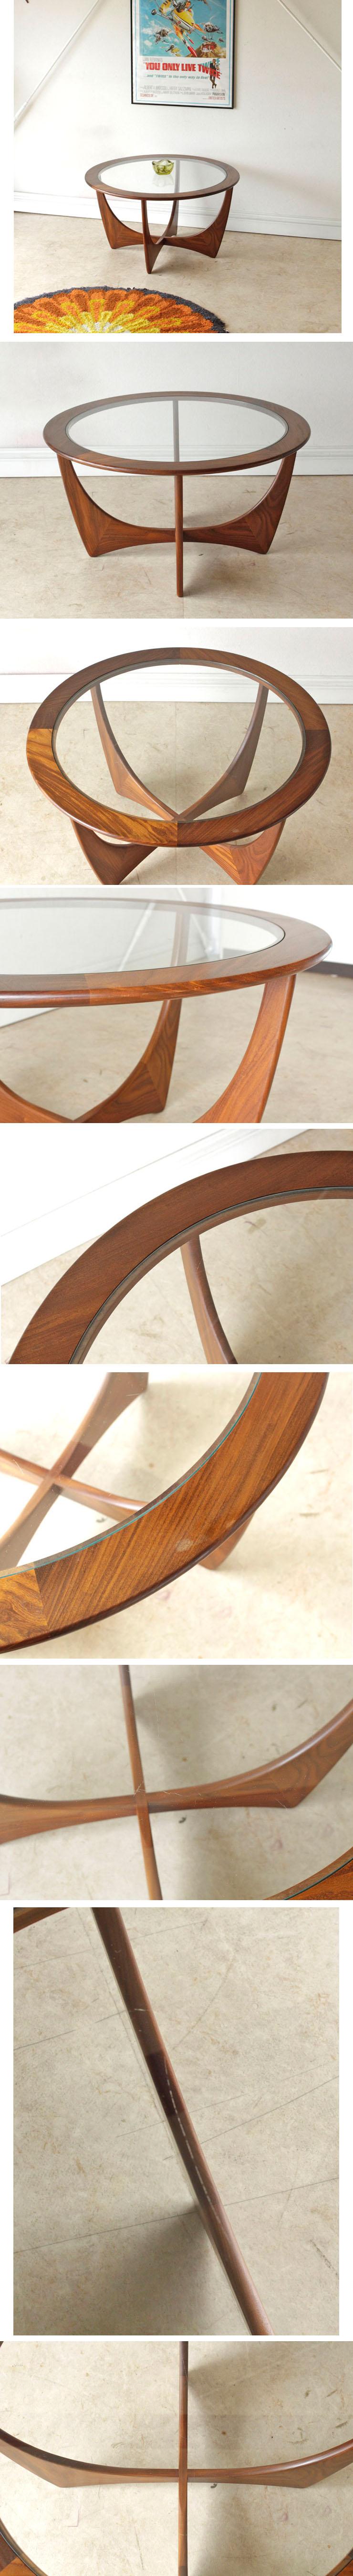 G-plan・ジープラン・コーヒーテーブル・ガラス・アストロ・チーク・アンティーク・ビンテージ・ミッドセンチュリー